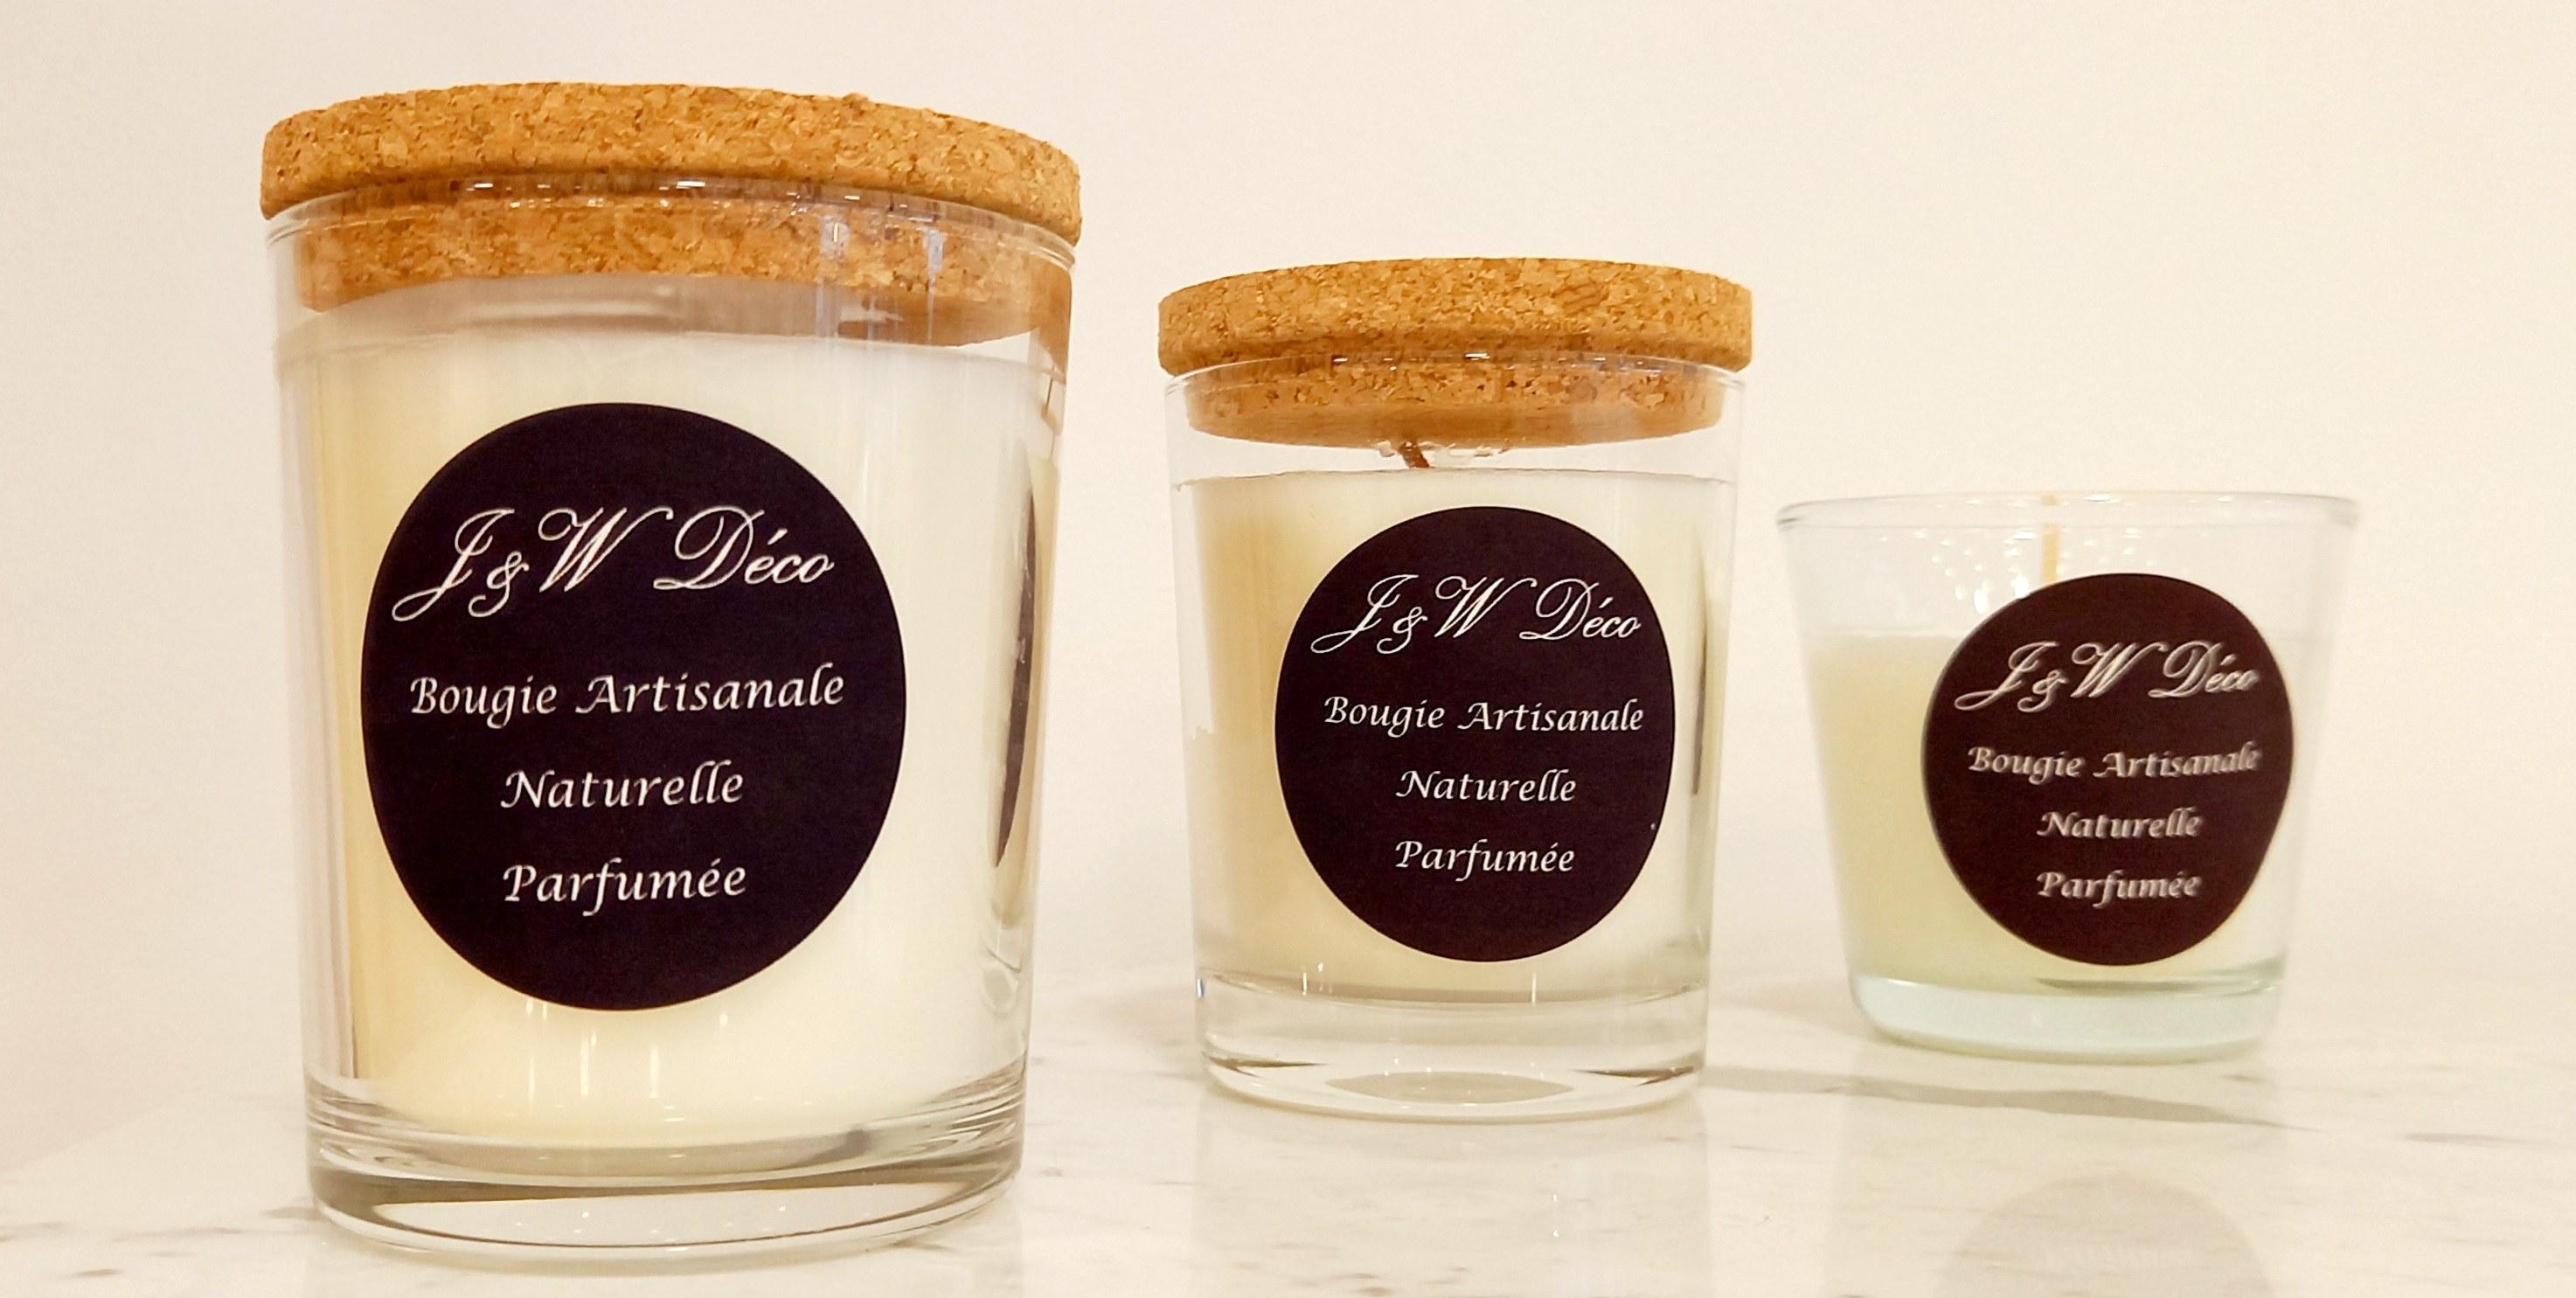 Bougies naturelles parfumées lots